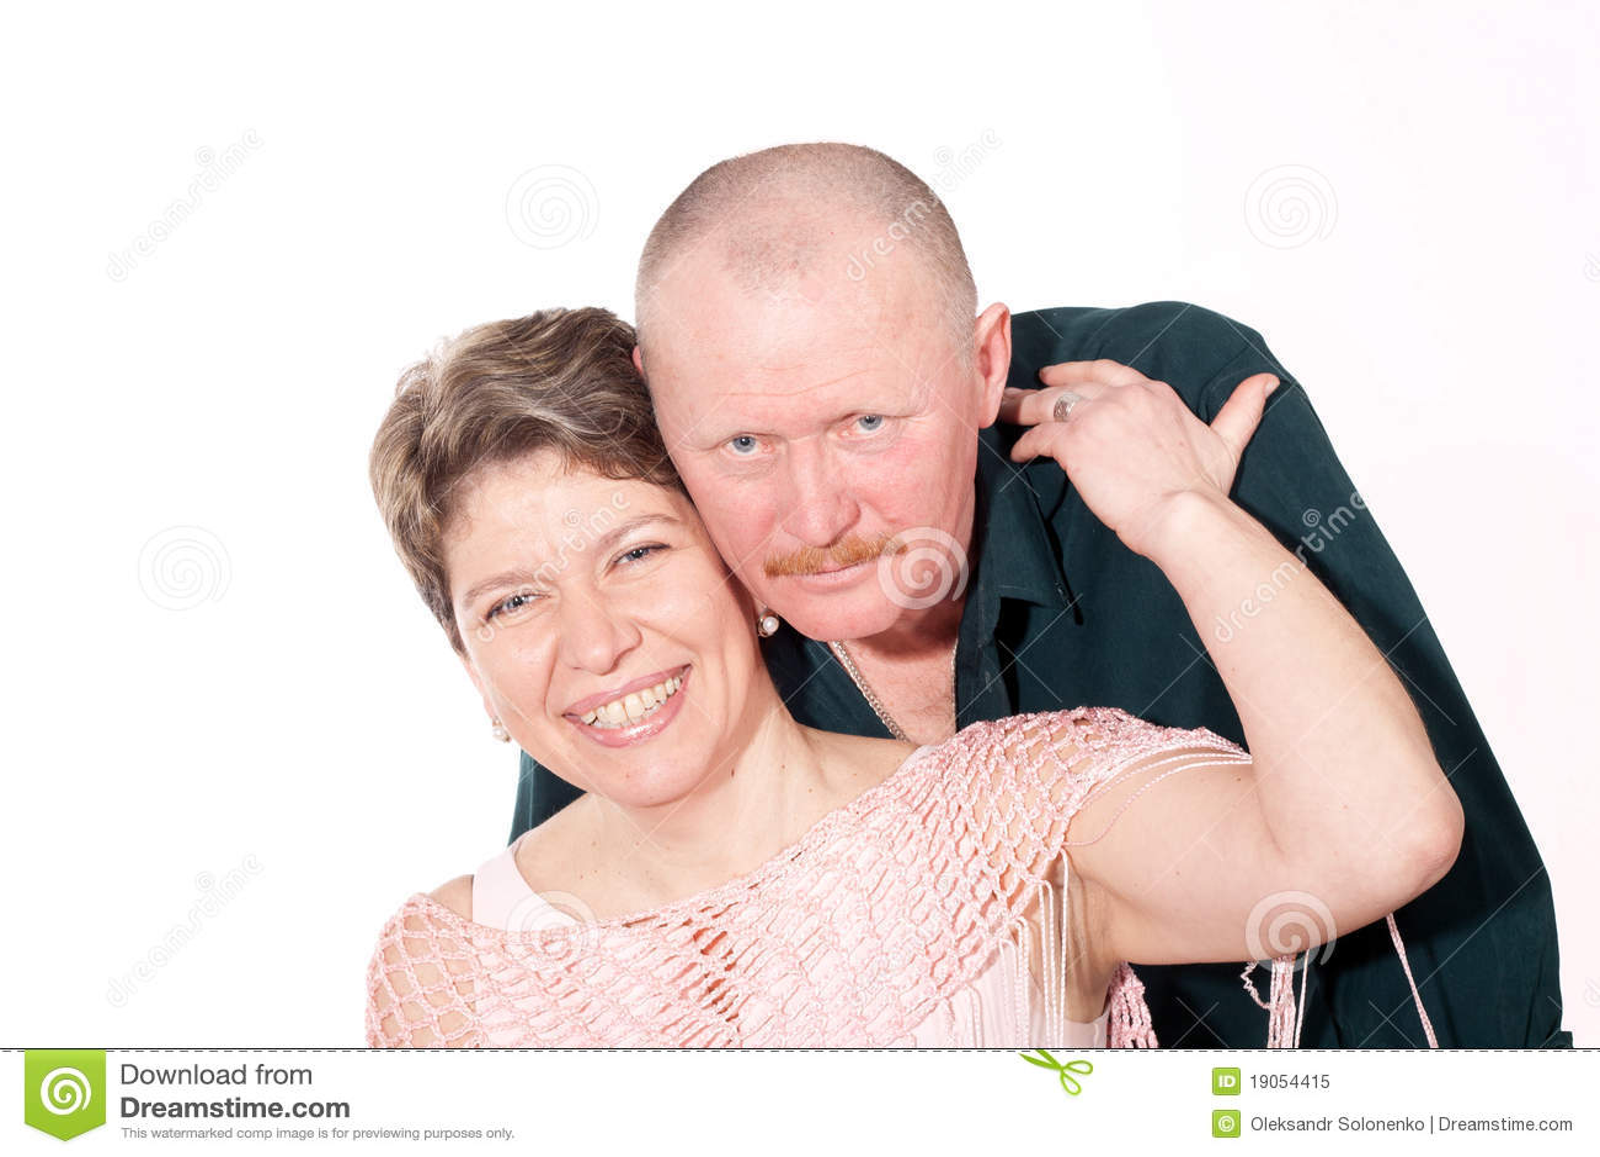 video mature amateur couple escort